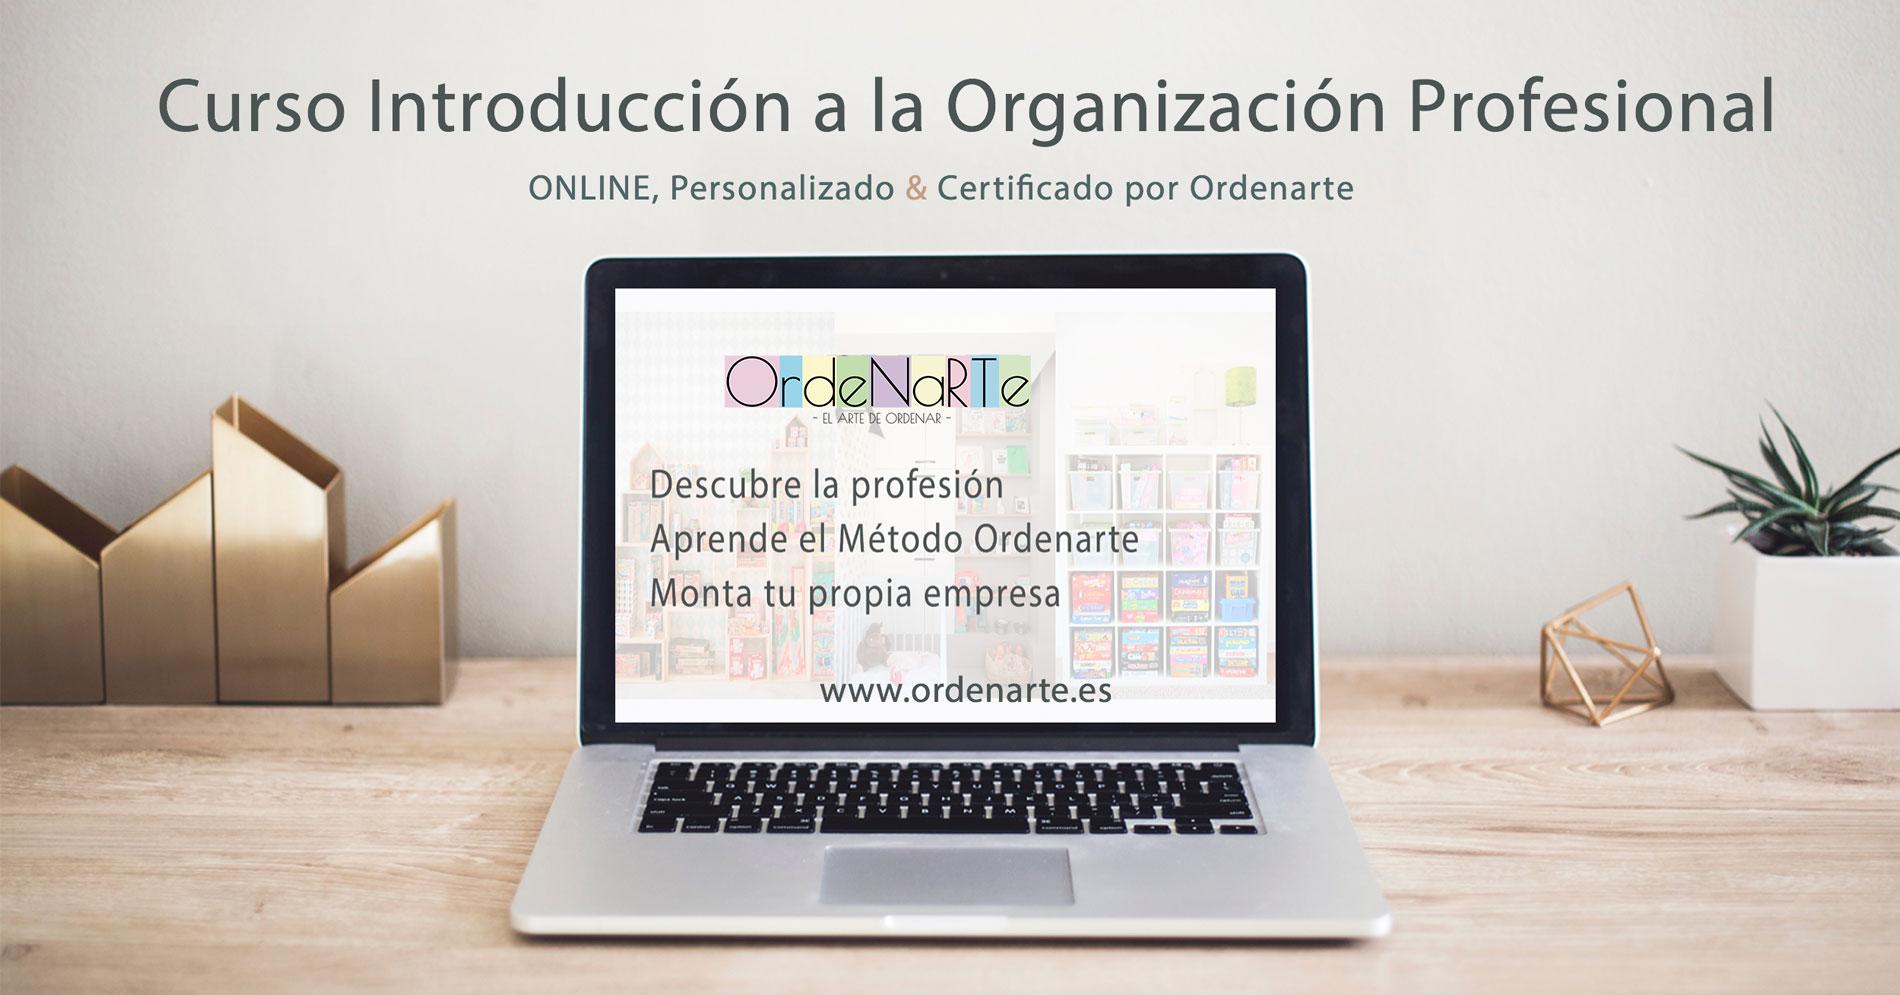 cursos-organizacion-profesional-online